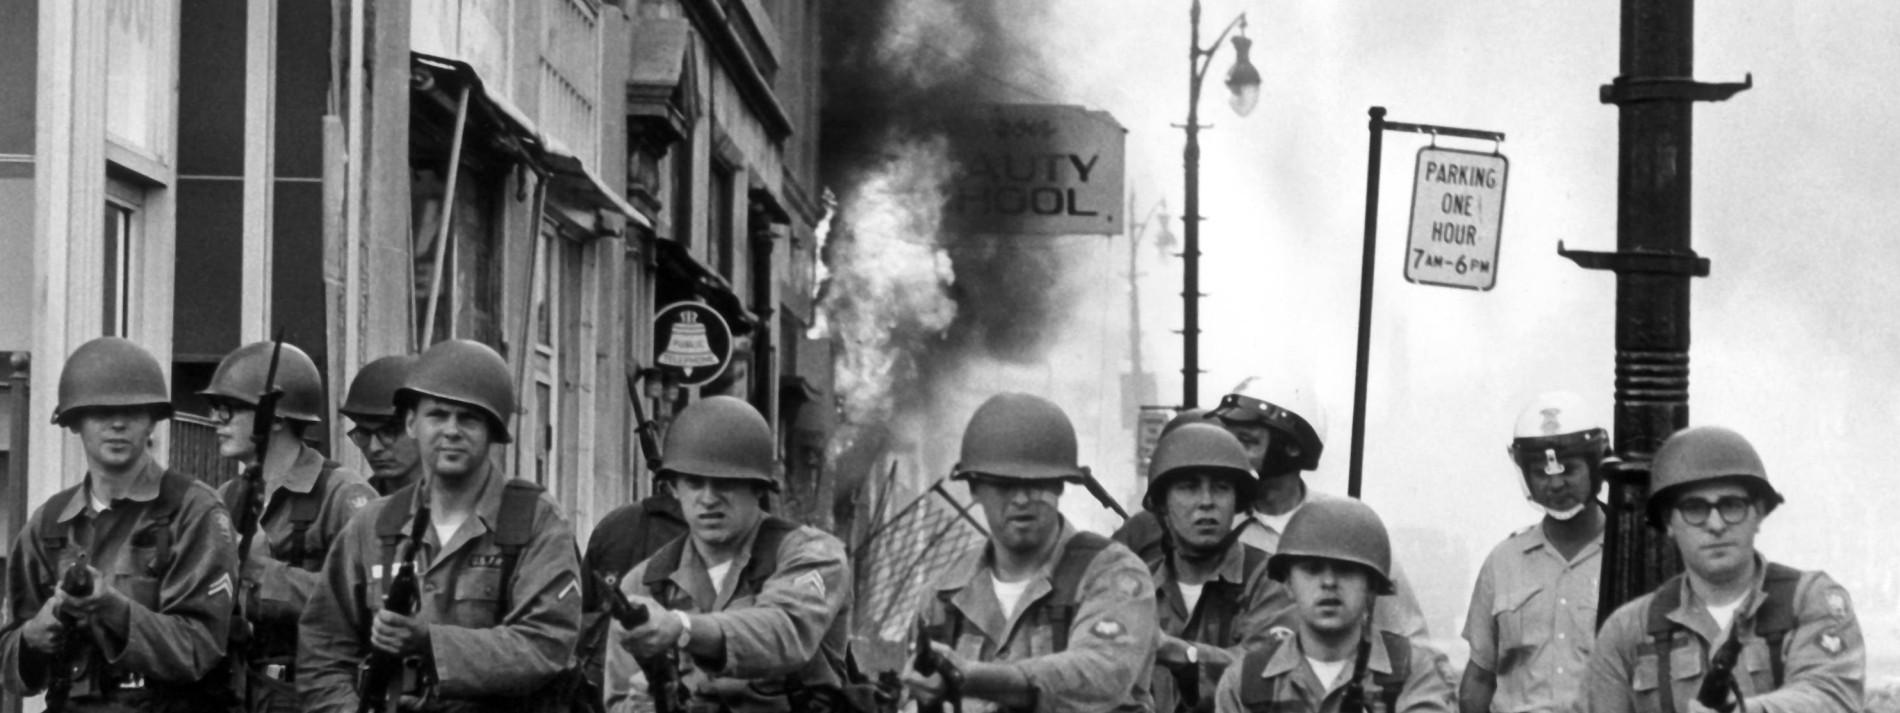 Mein Land, zerrissen und in Flammen